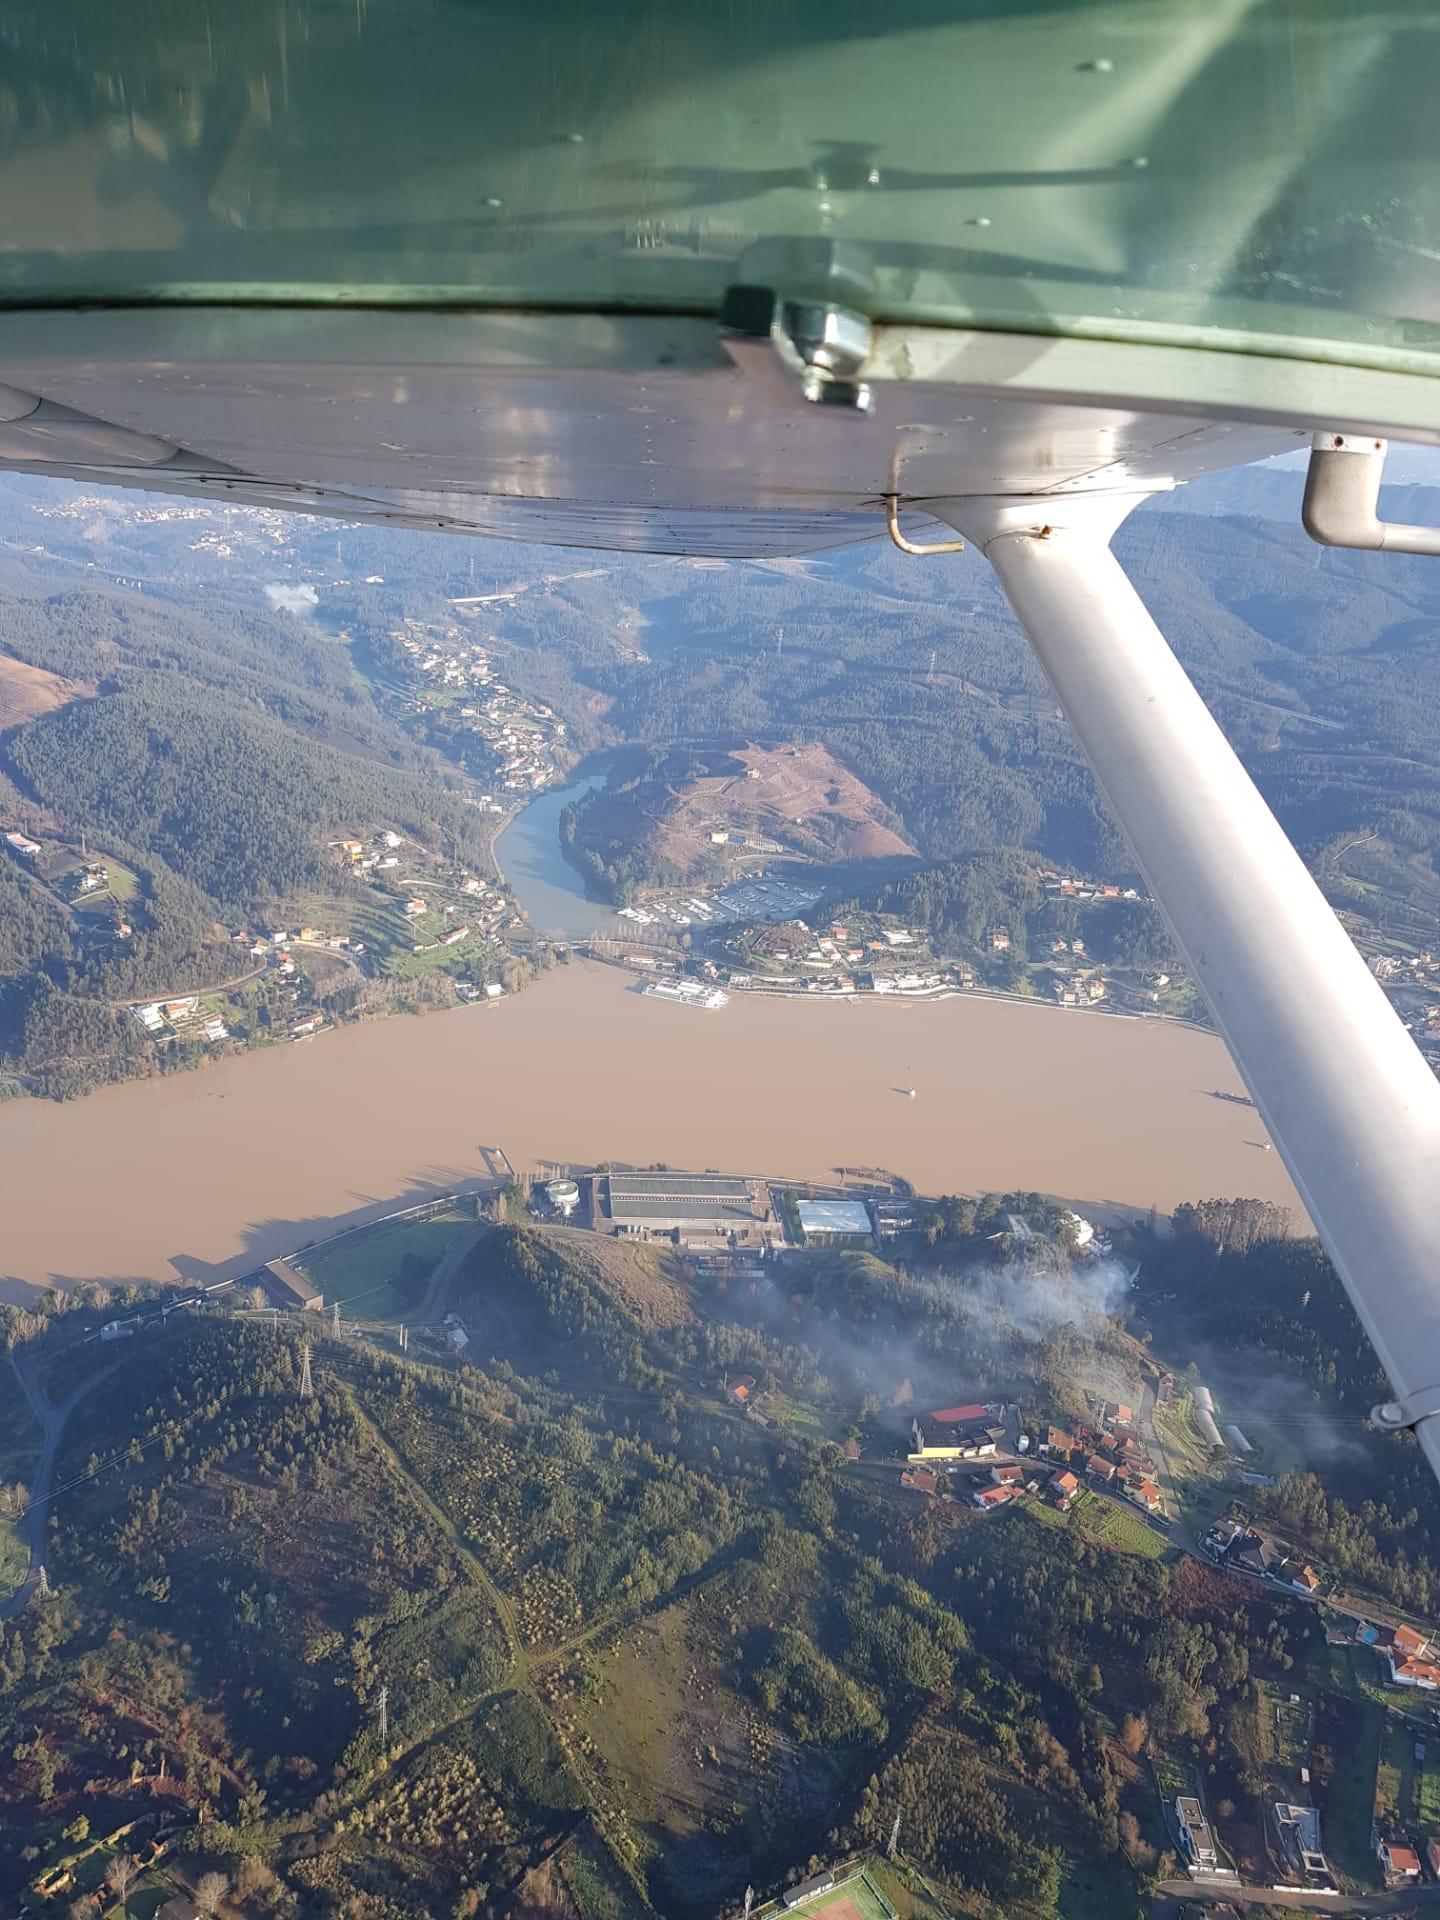 LM-Arquivo-Douro-Paiva-Foto-Aerea-ETA-Lever-041